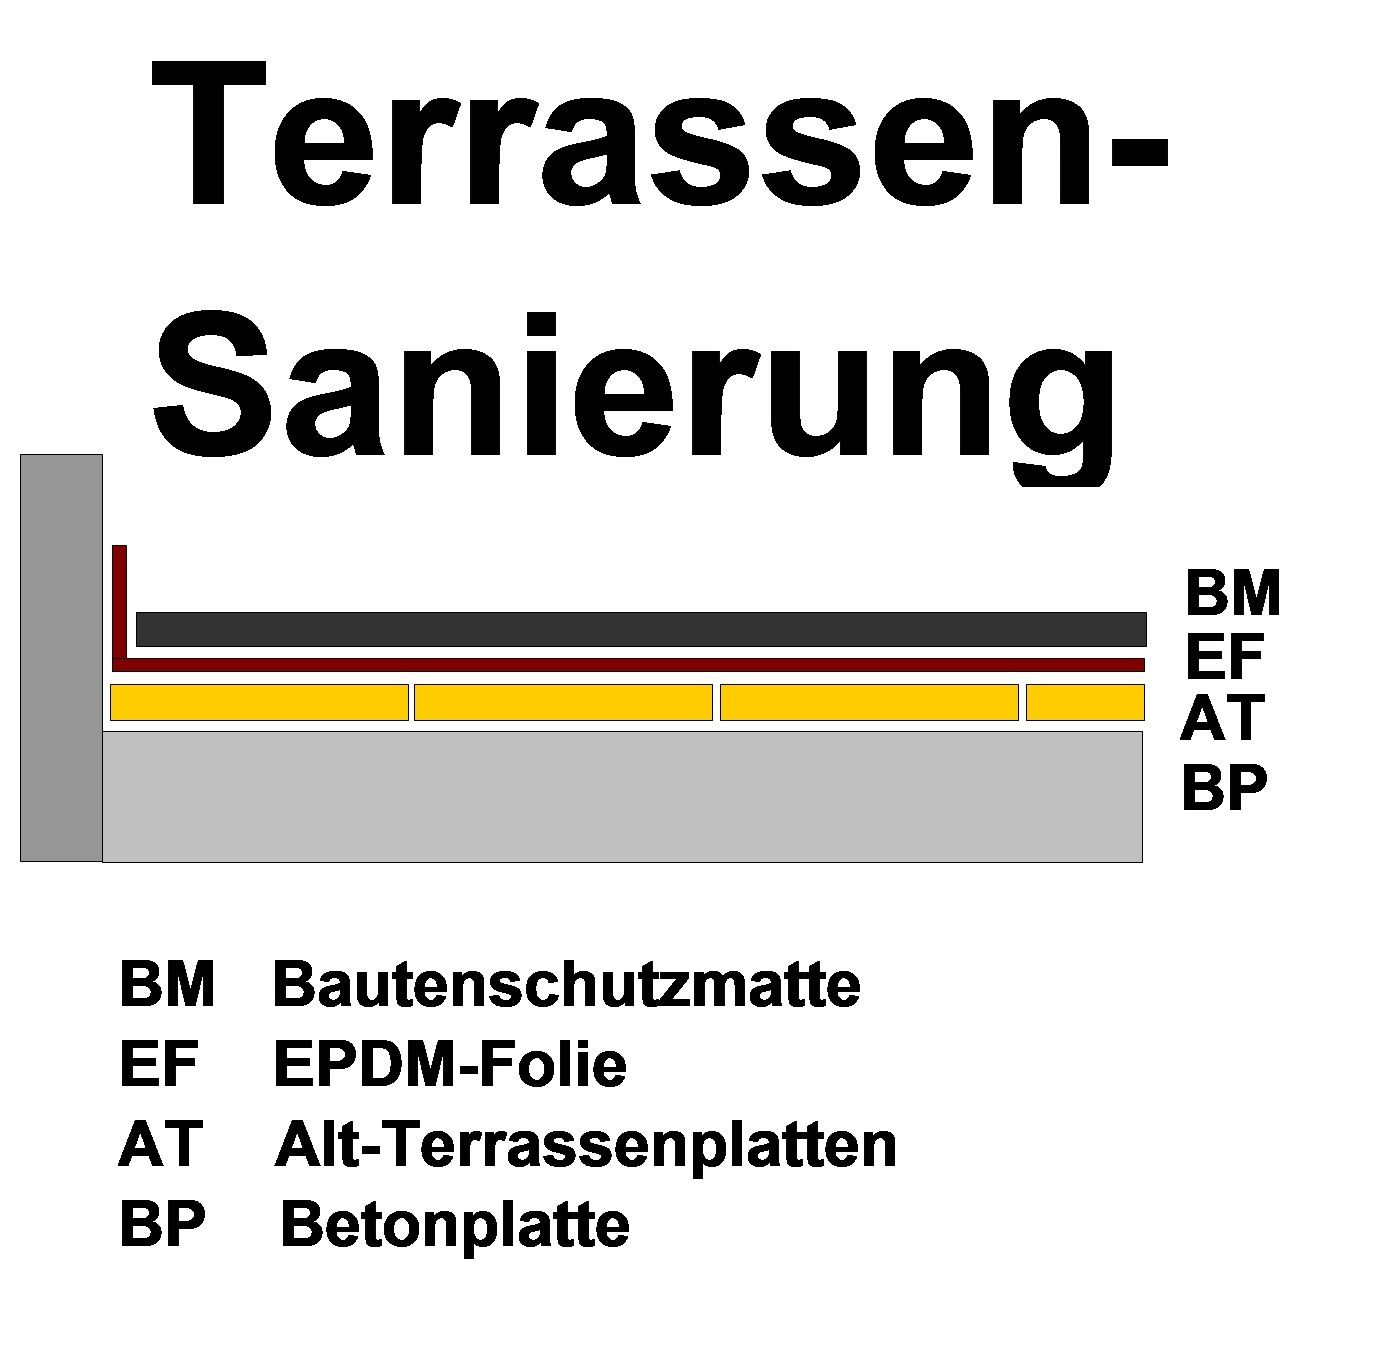 Super Sanierung von Alt-Terrassen - - - Abdichtung - - - Neubelegung mit #AI_06